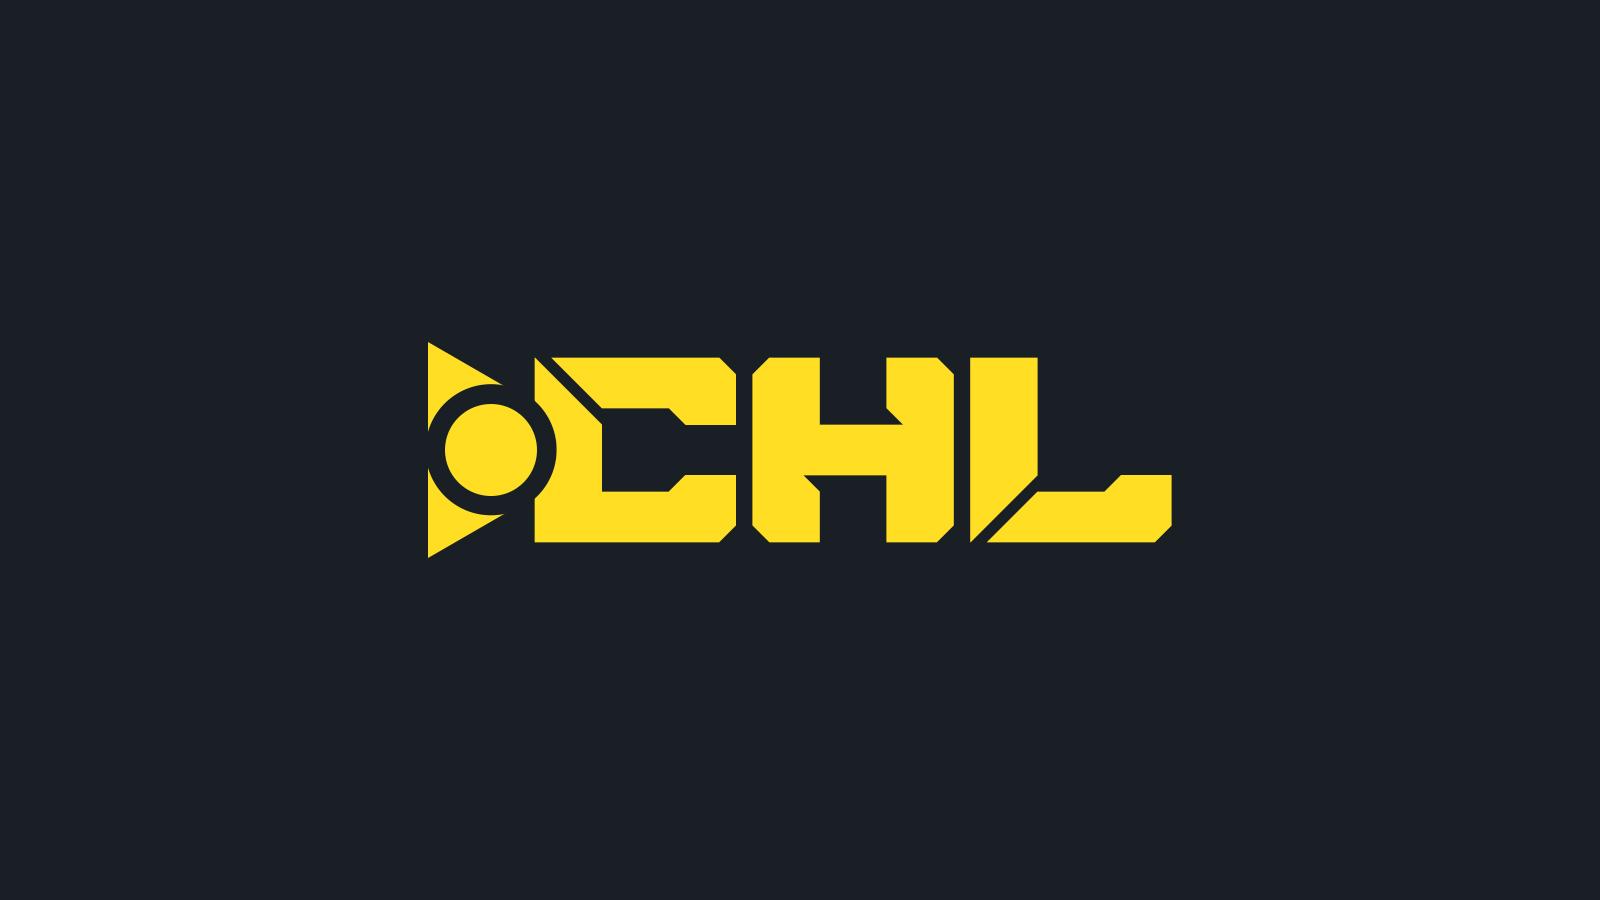 разработка логотипа для производителя фар фото f_3505f5f4b2369775.jpg